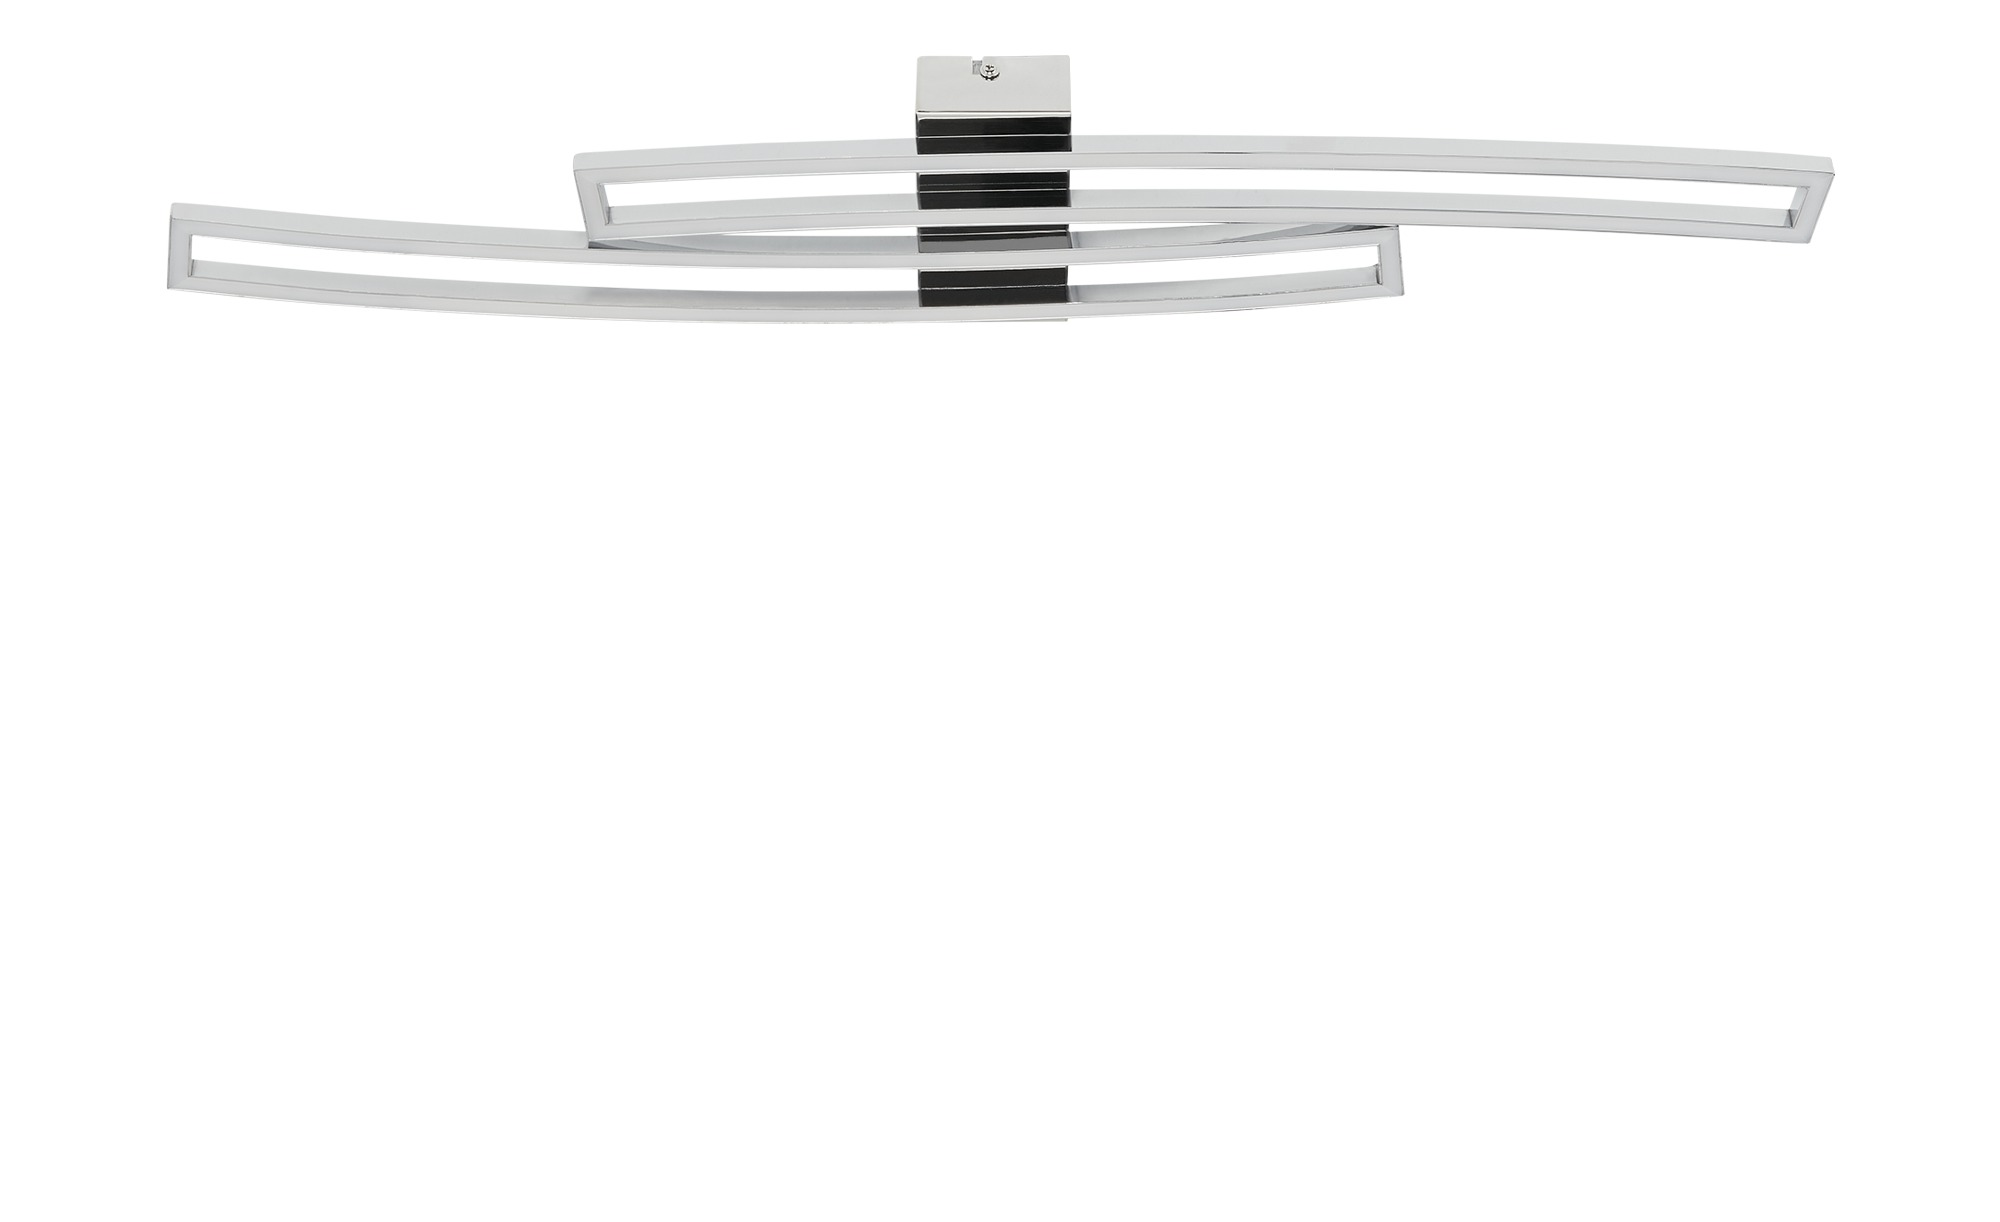 KHG LED-Deckenleuchte, 2-flammig, chrom / gebogen ¦ silber ¦ Maße (cm): B: 16 H: 5,5 Lampen & Leuchten > Innenleuchten > Deckenleuchten - Höffner